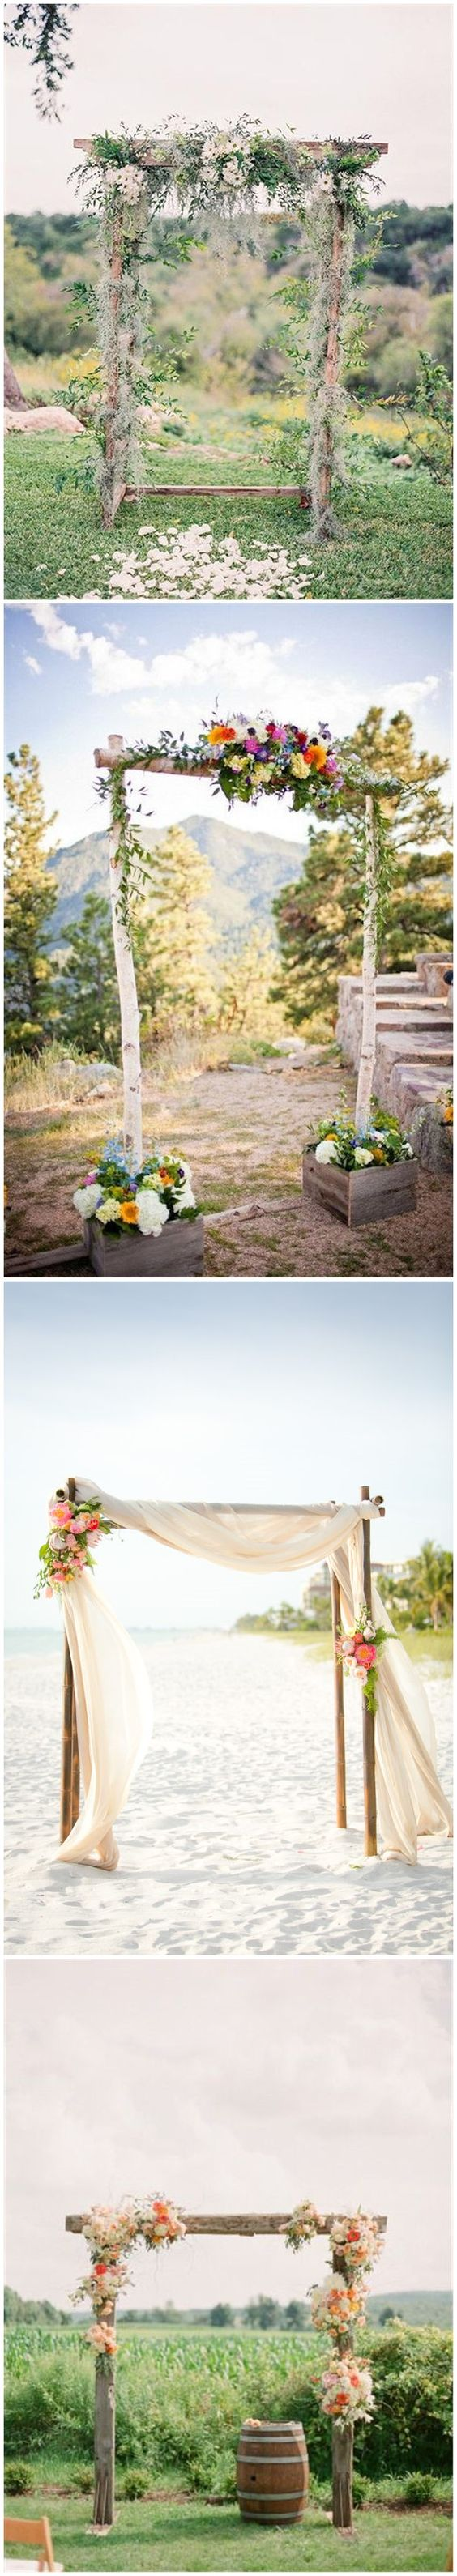 909a52bbeb Ezeknek az olcsó esküvői díszeknek nem lehet ellenállni! - Barkácsblog